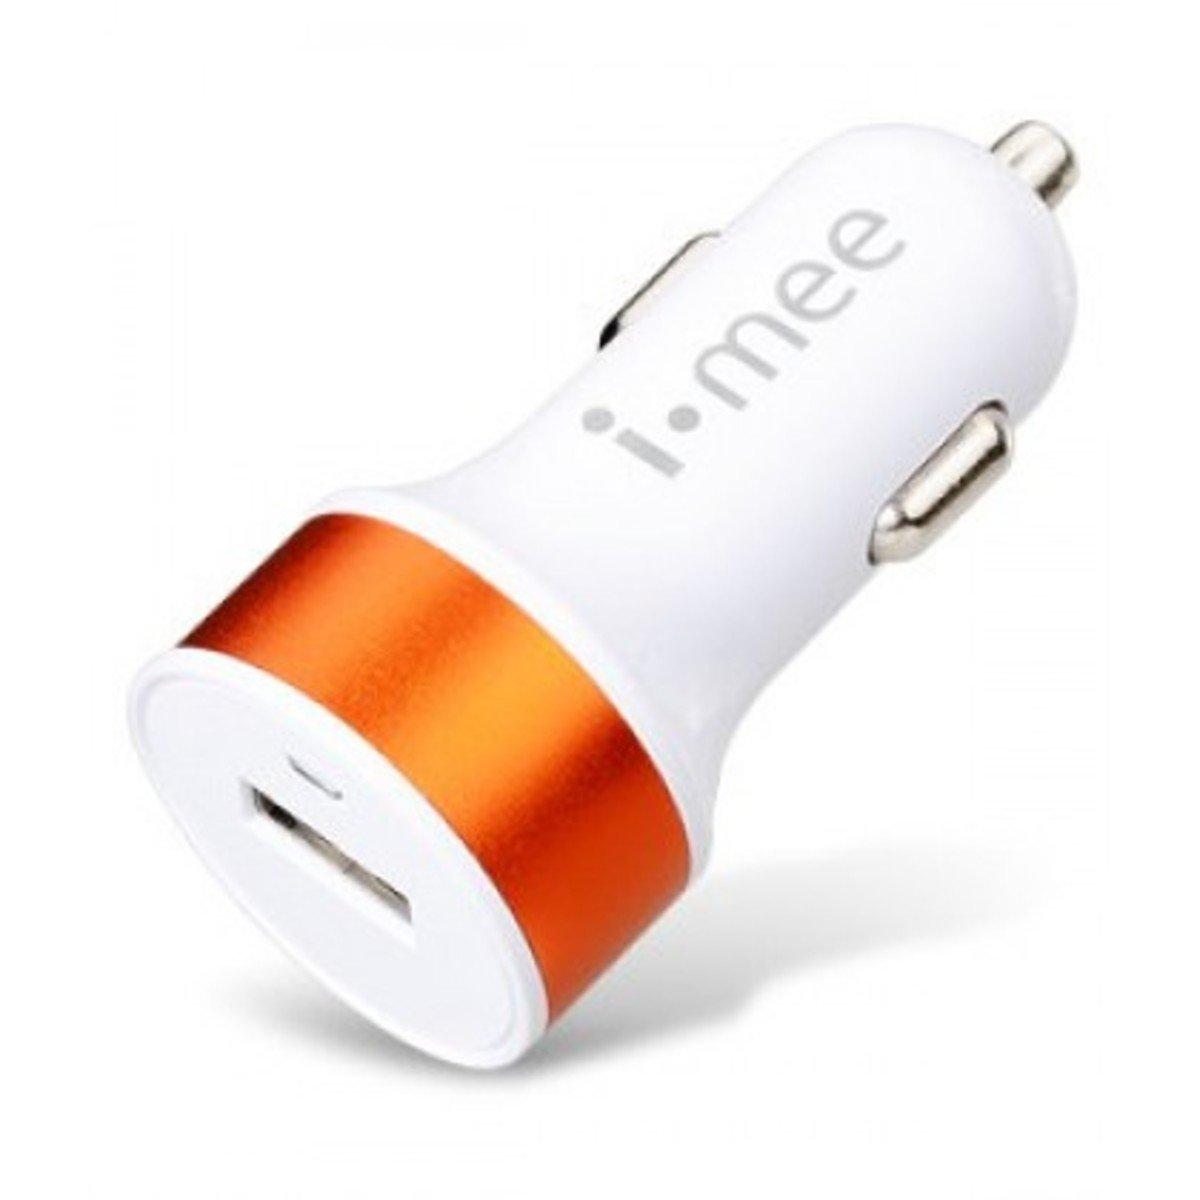 2.1A汽車充電器(適合大部分手機裝置)-橙色